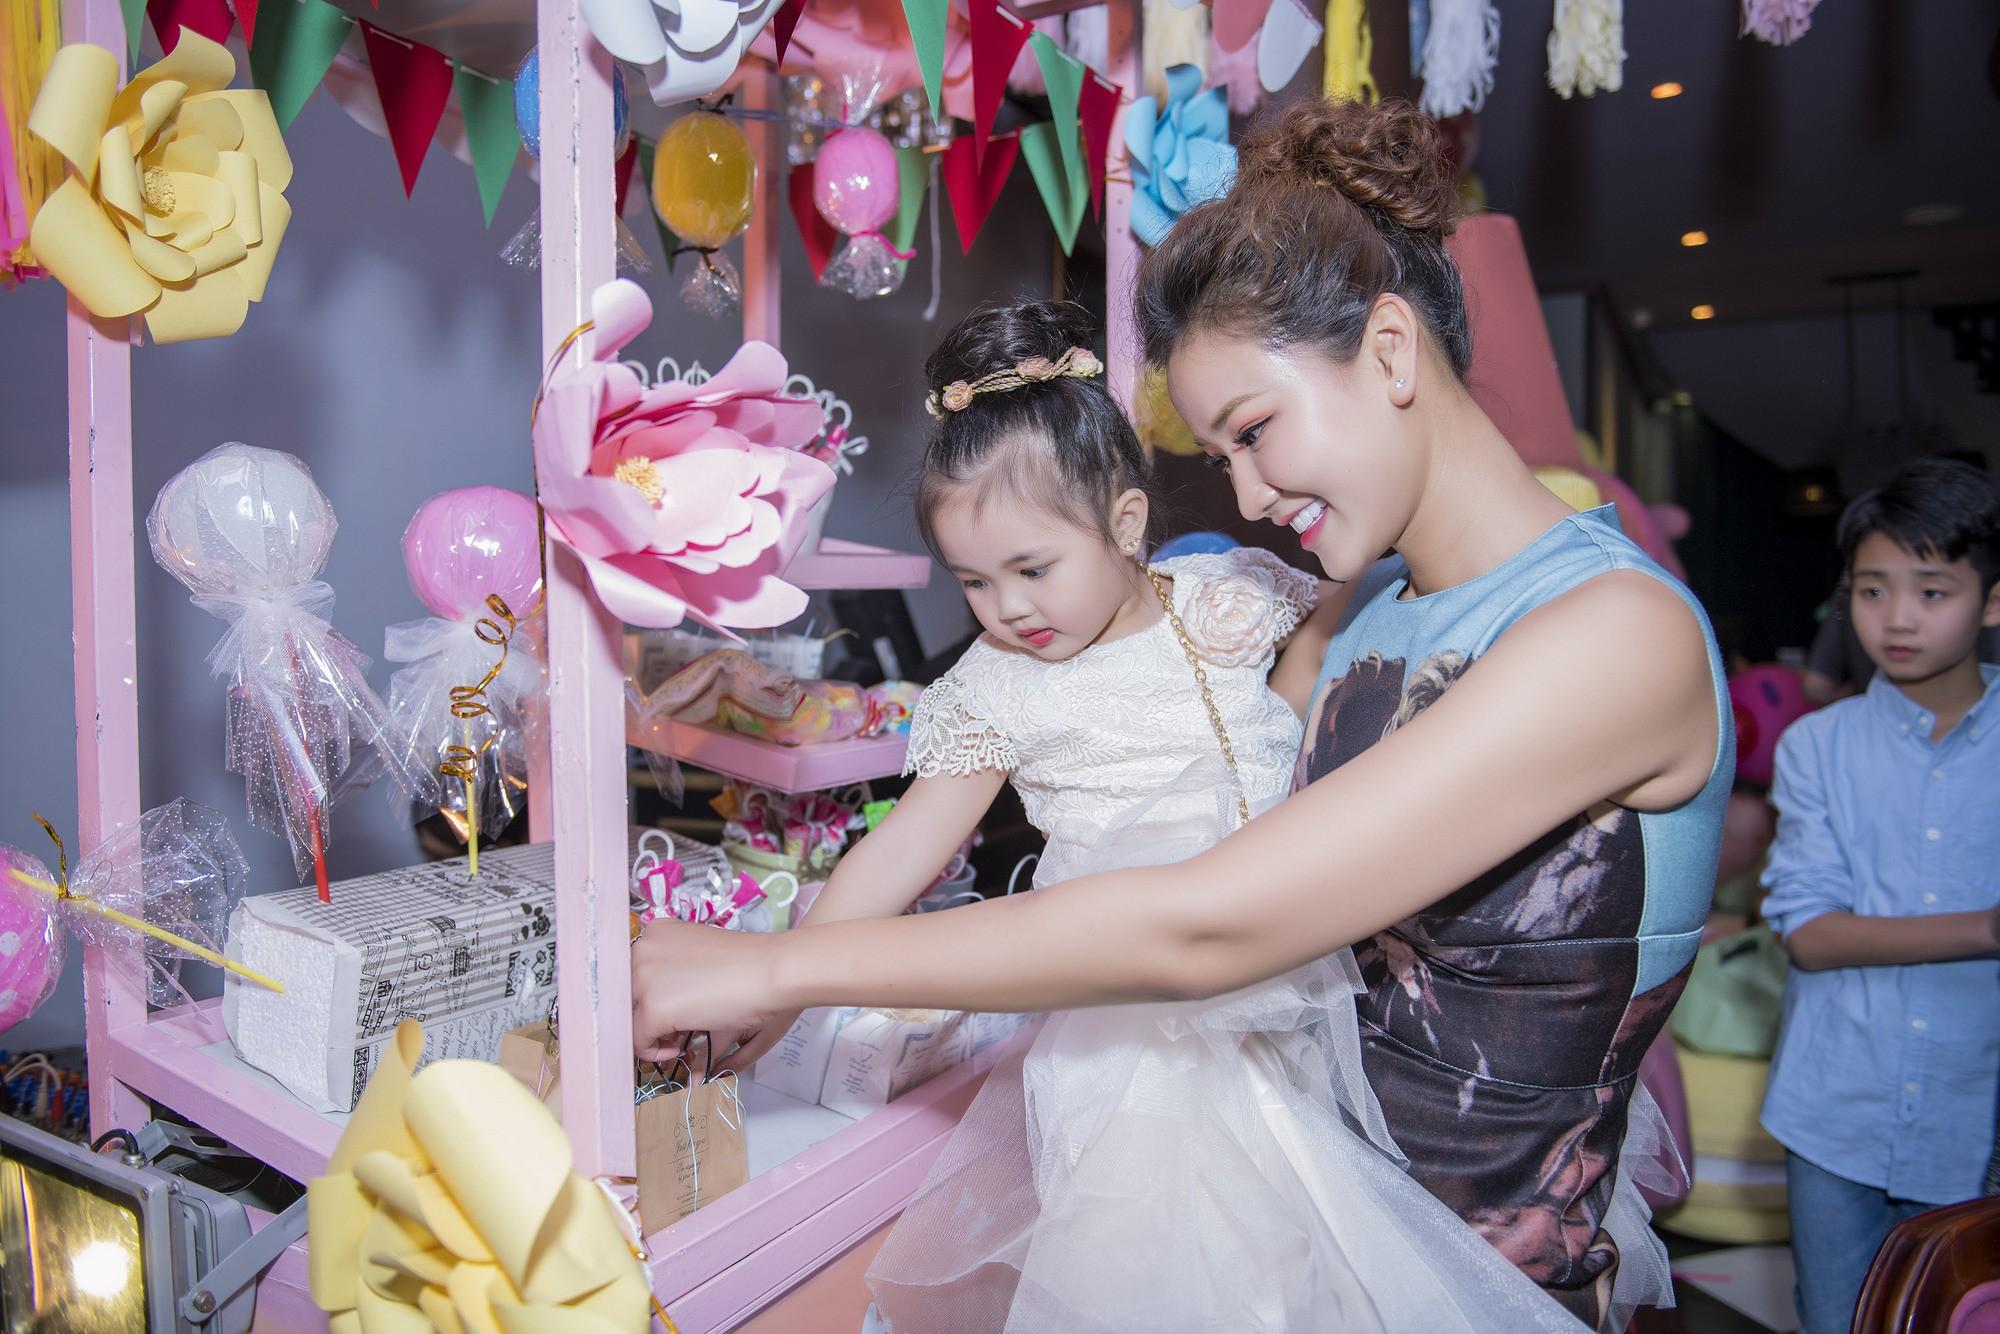 Maya dành cả tháng trời để tổ chức sinh nhật ngập tràn kẹo ngọt màu hồng cho con gái Bồ Câu - Ảnh 3.